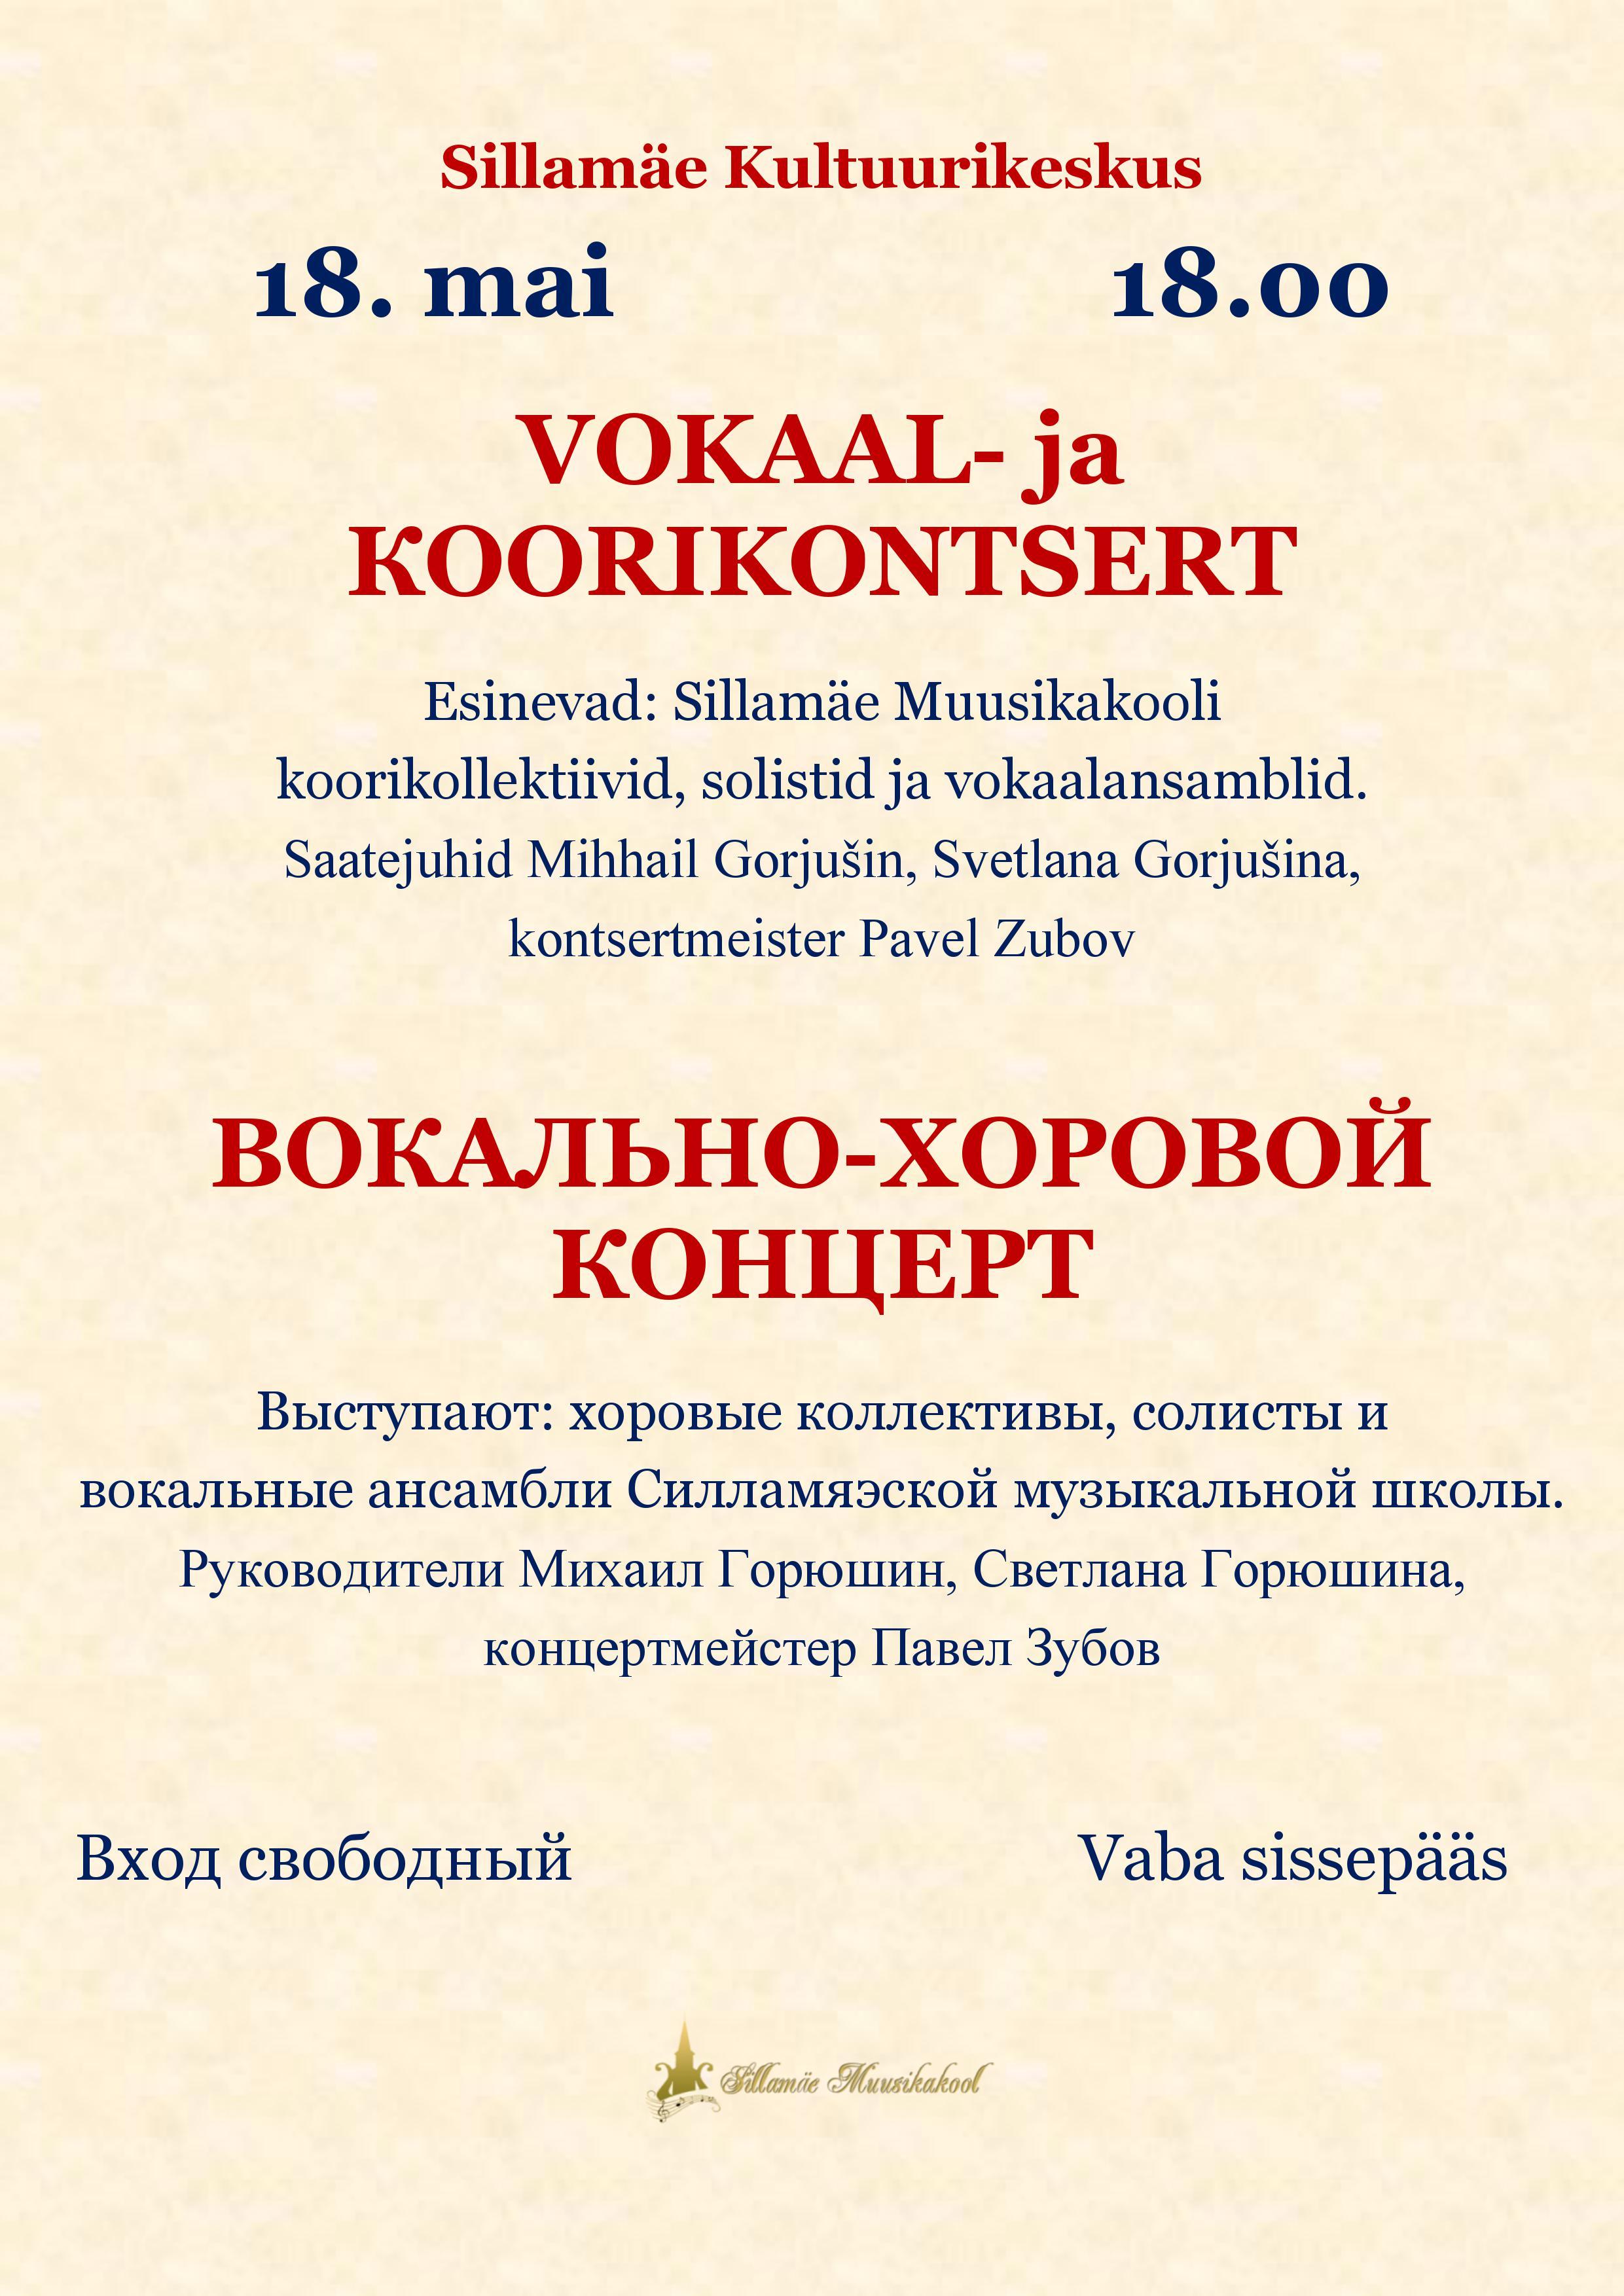 Вокально-хоровой концерт